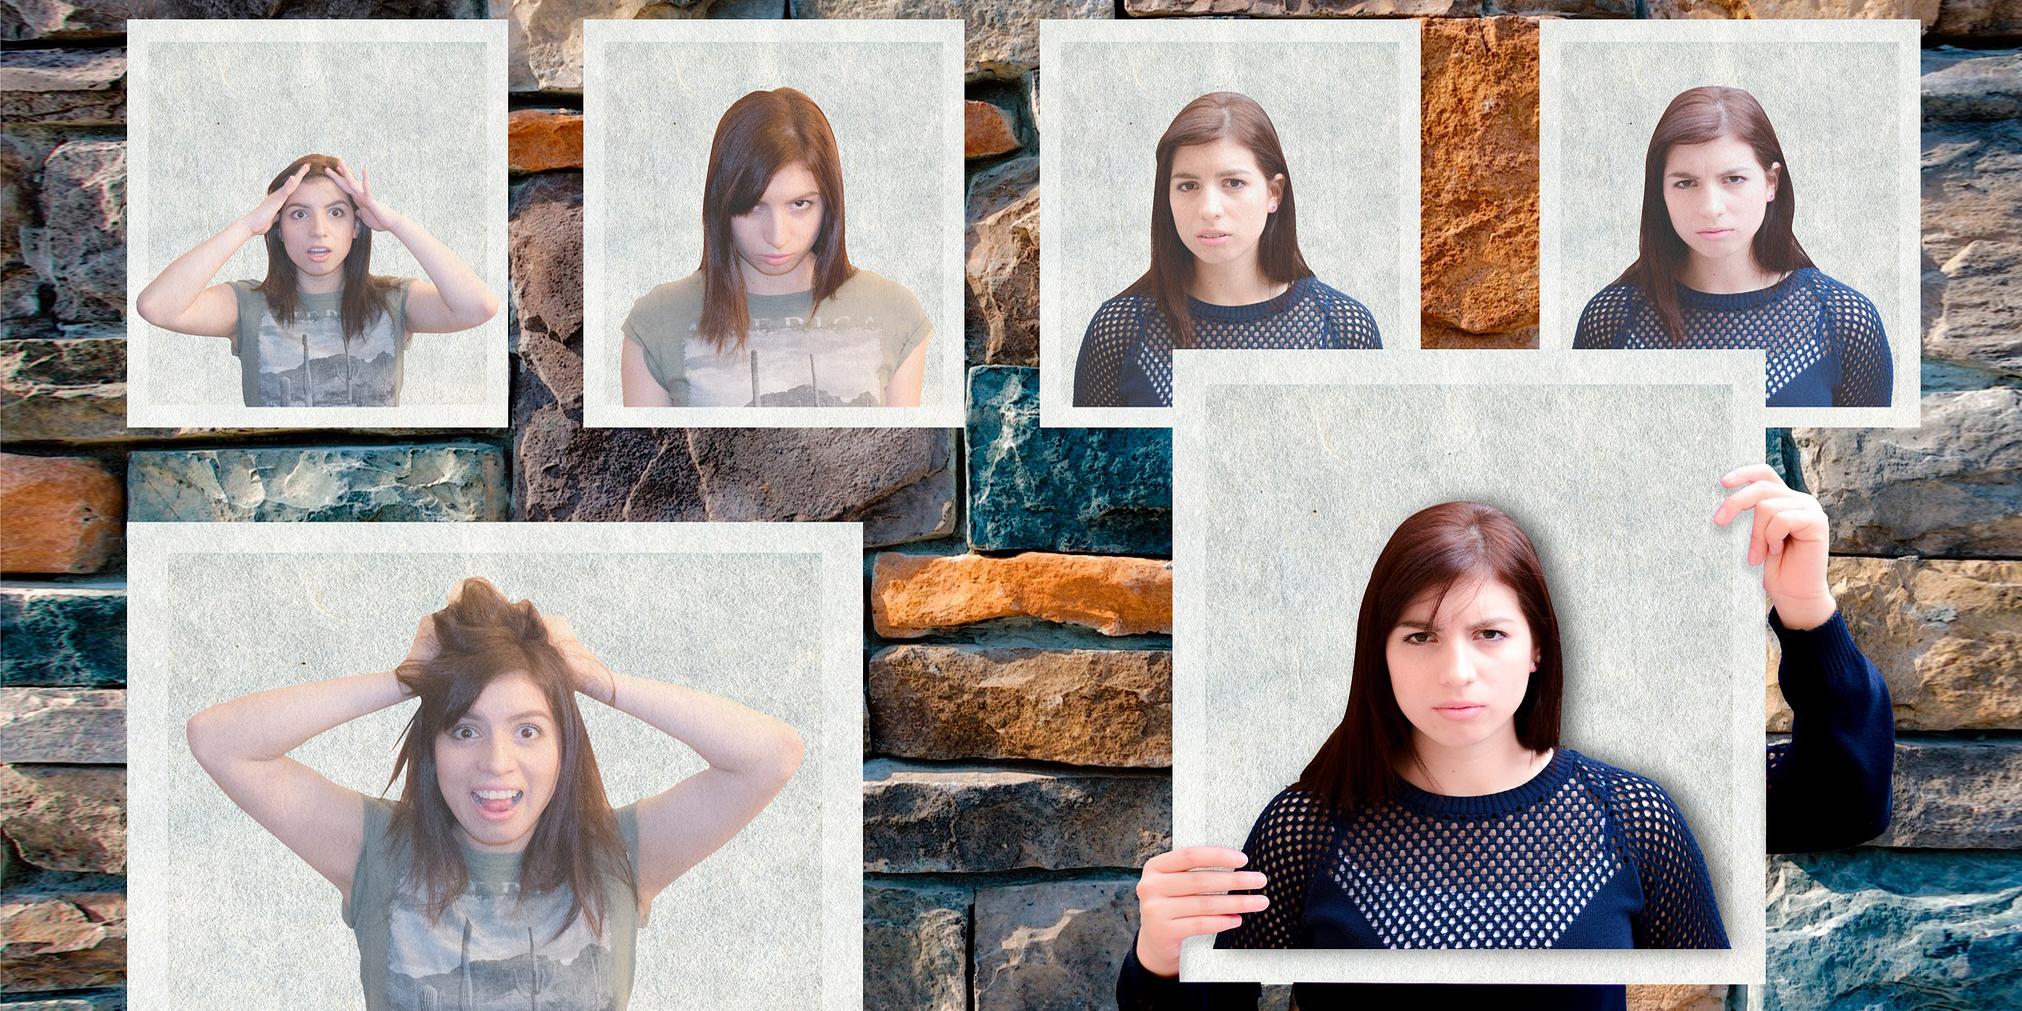 Körper-Sprache: Mit Präsenzarbeit zur guten Präsentation